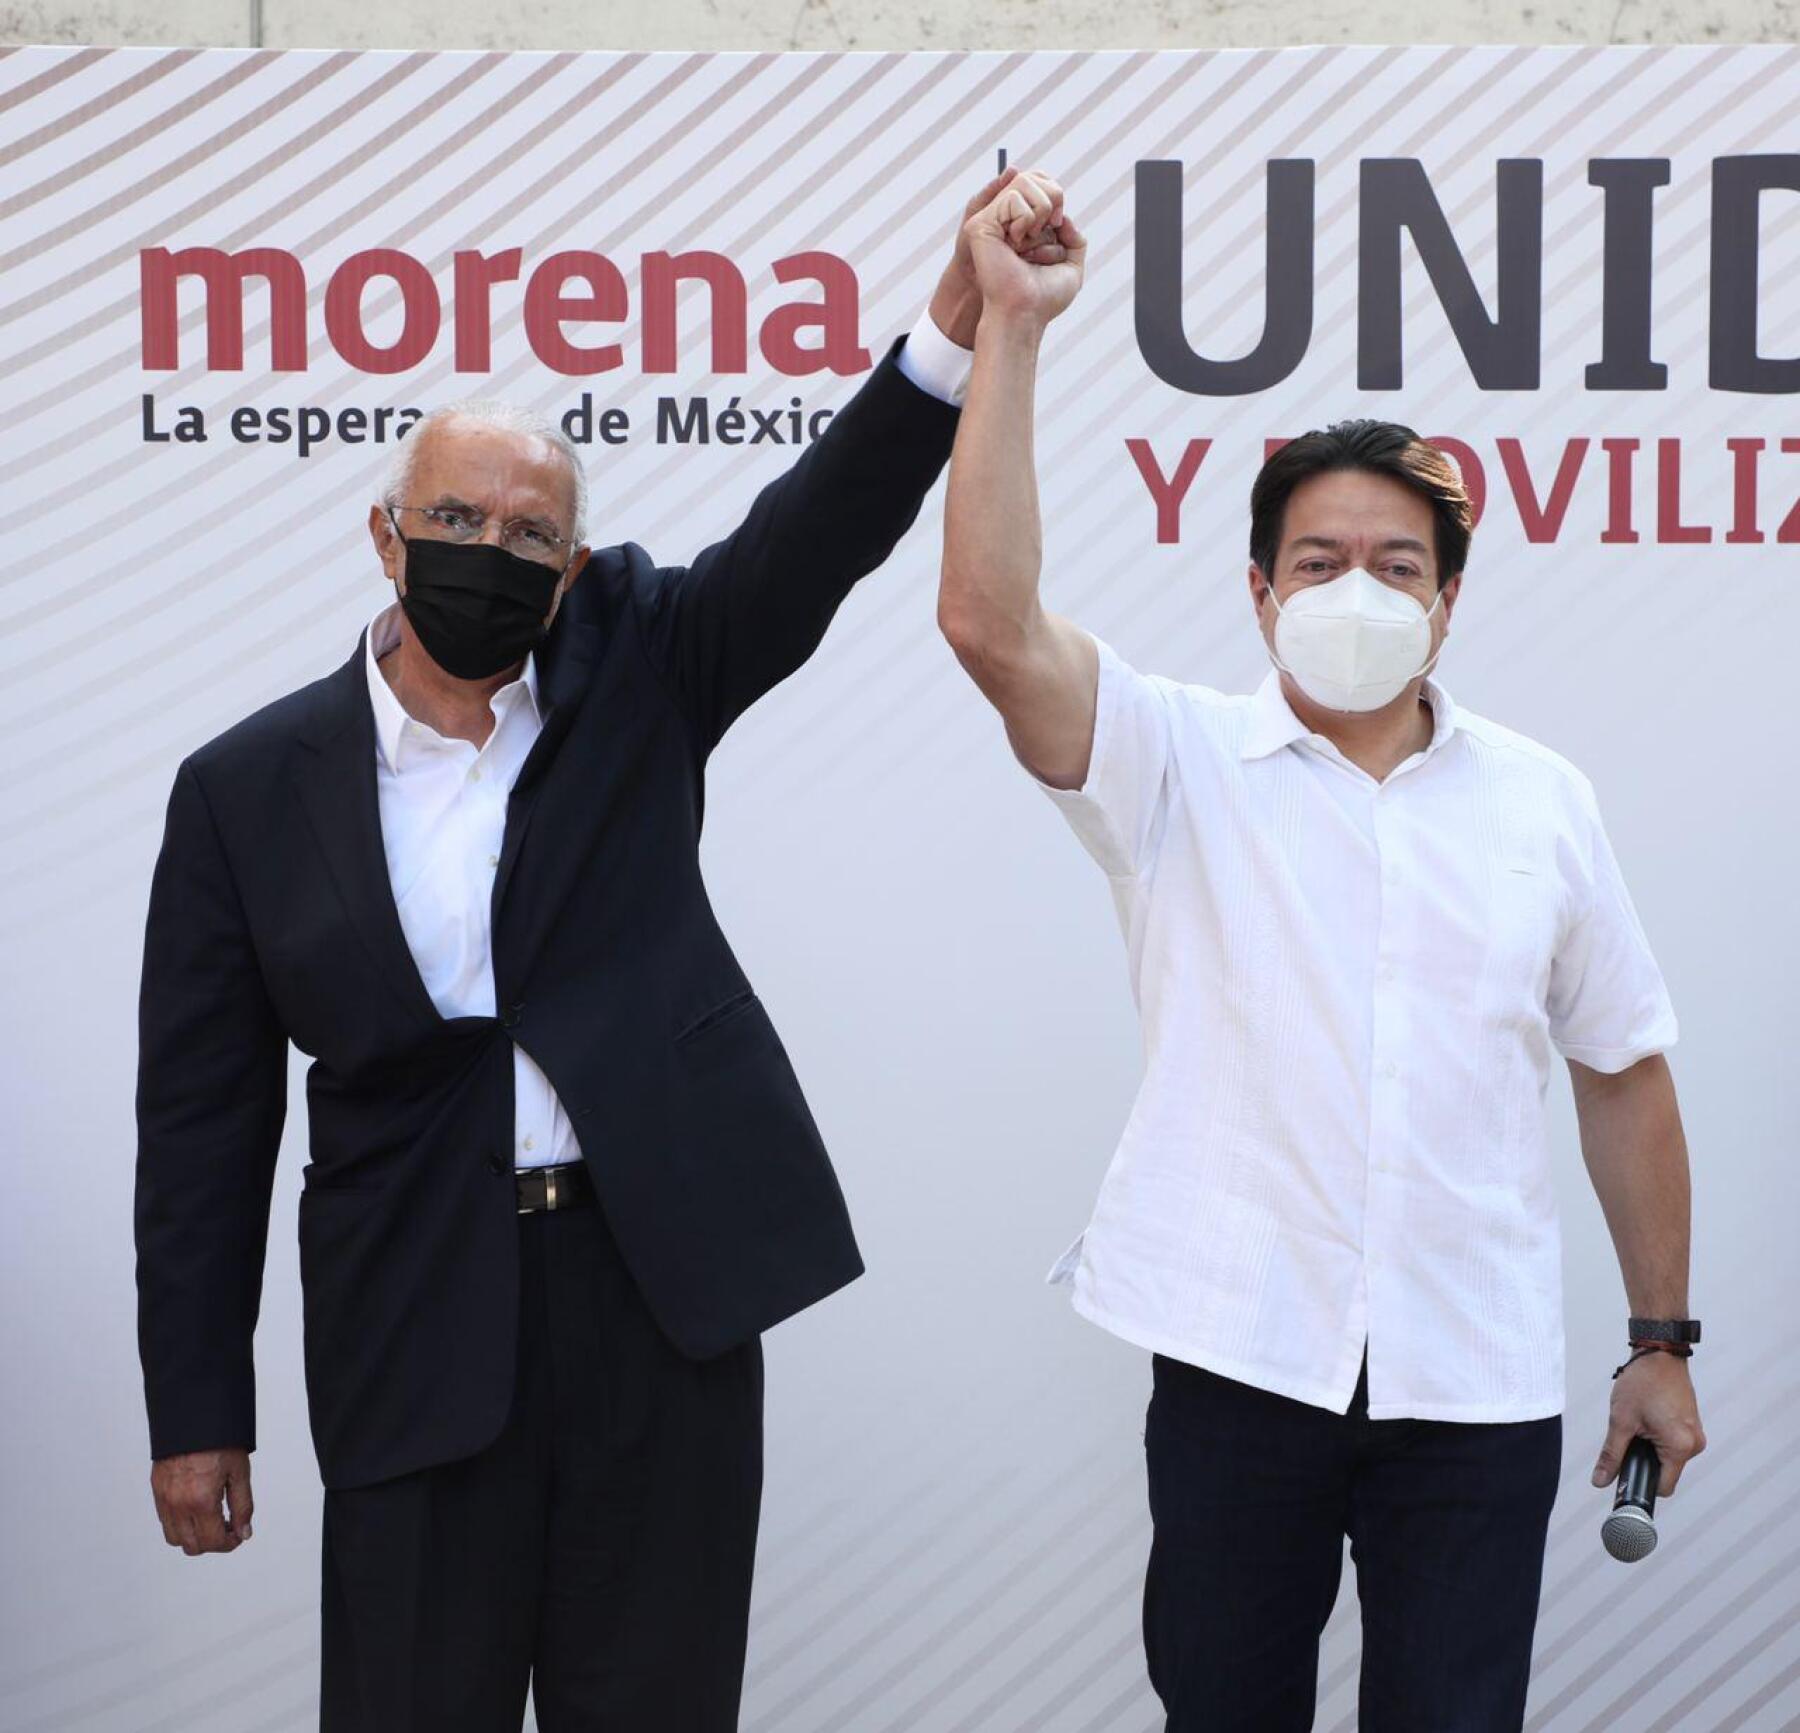 Miguel Ángel Navarro gana la encuesta de Morena para la gubernatura de  Nayarit